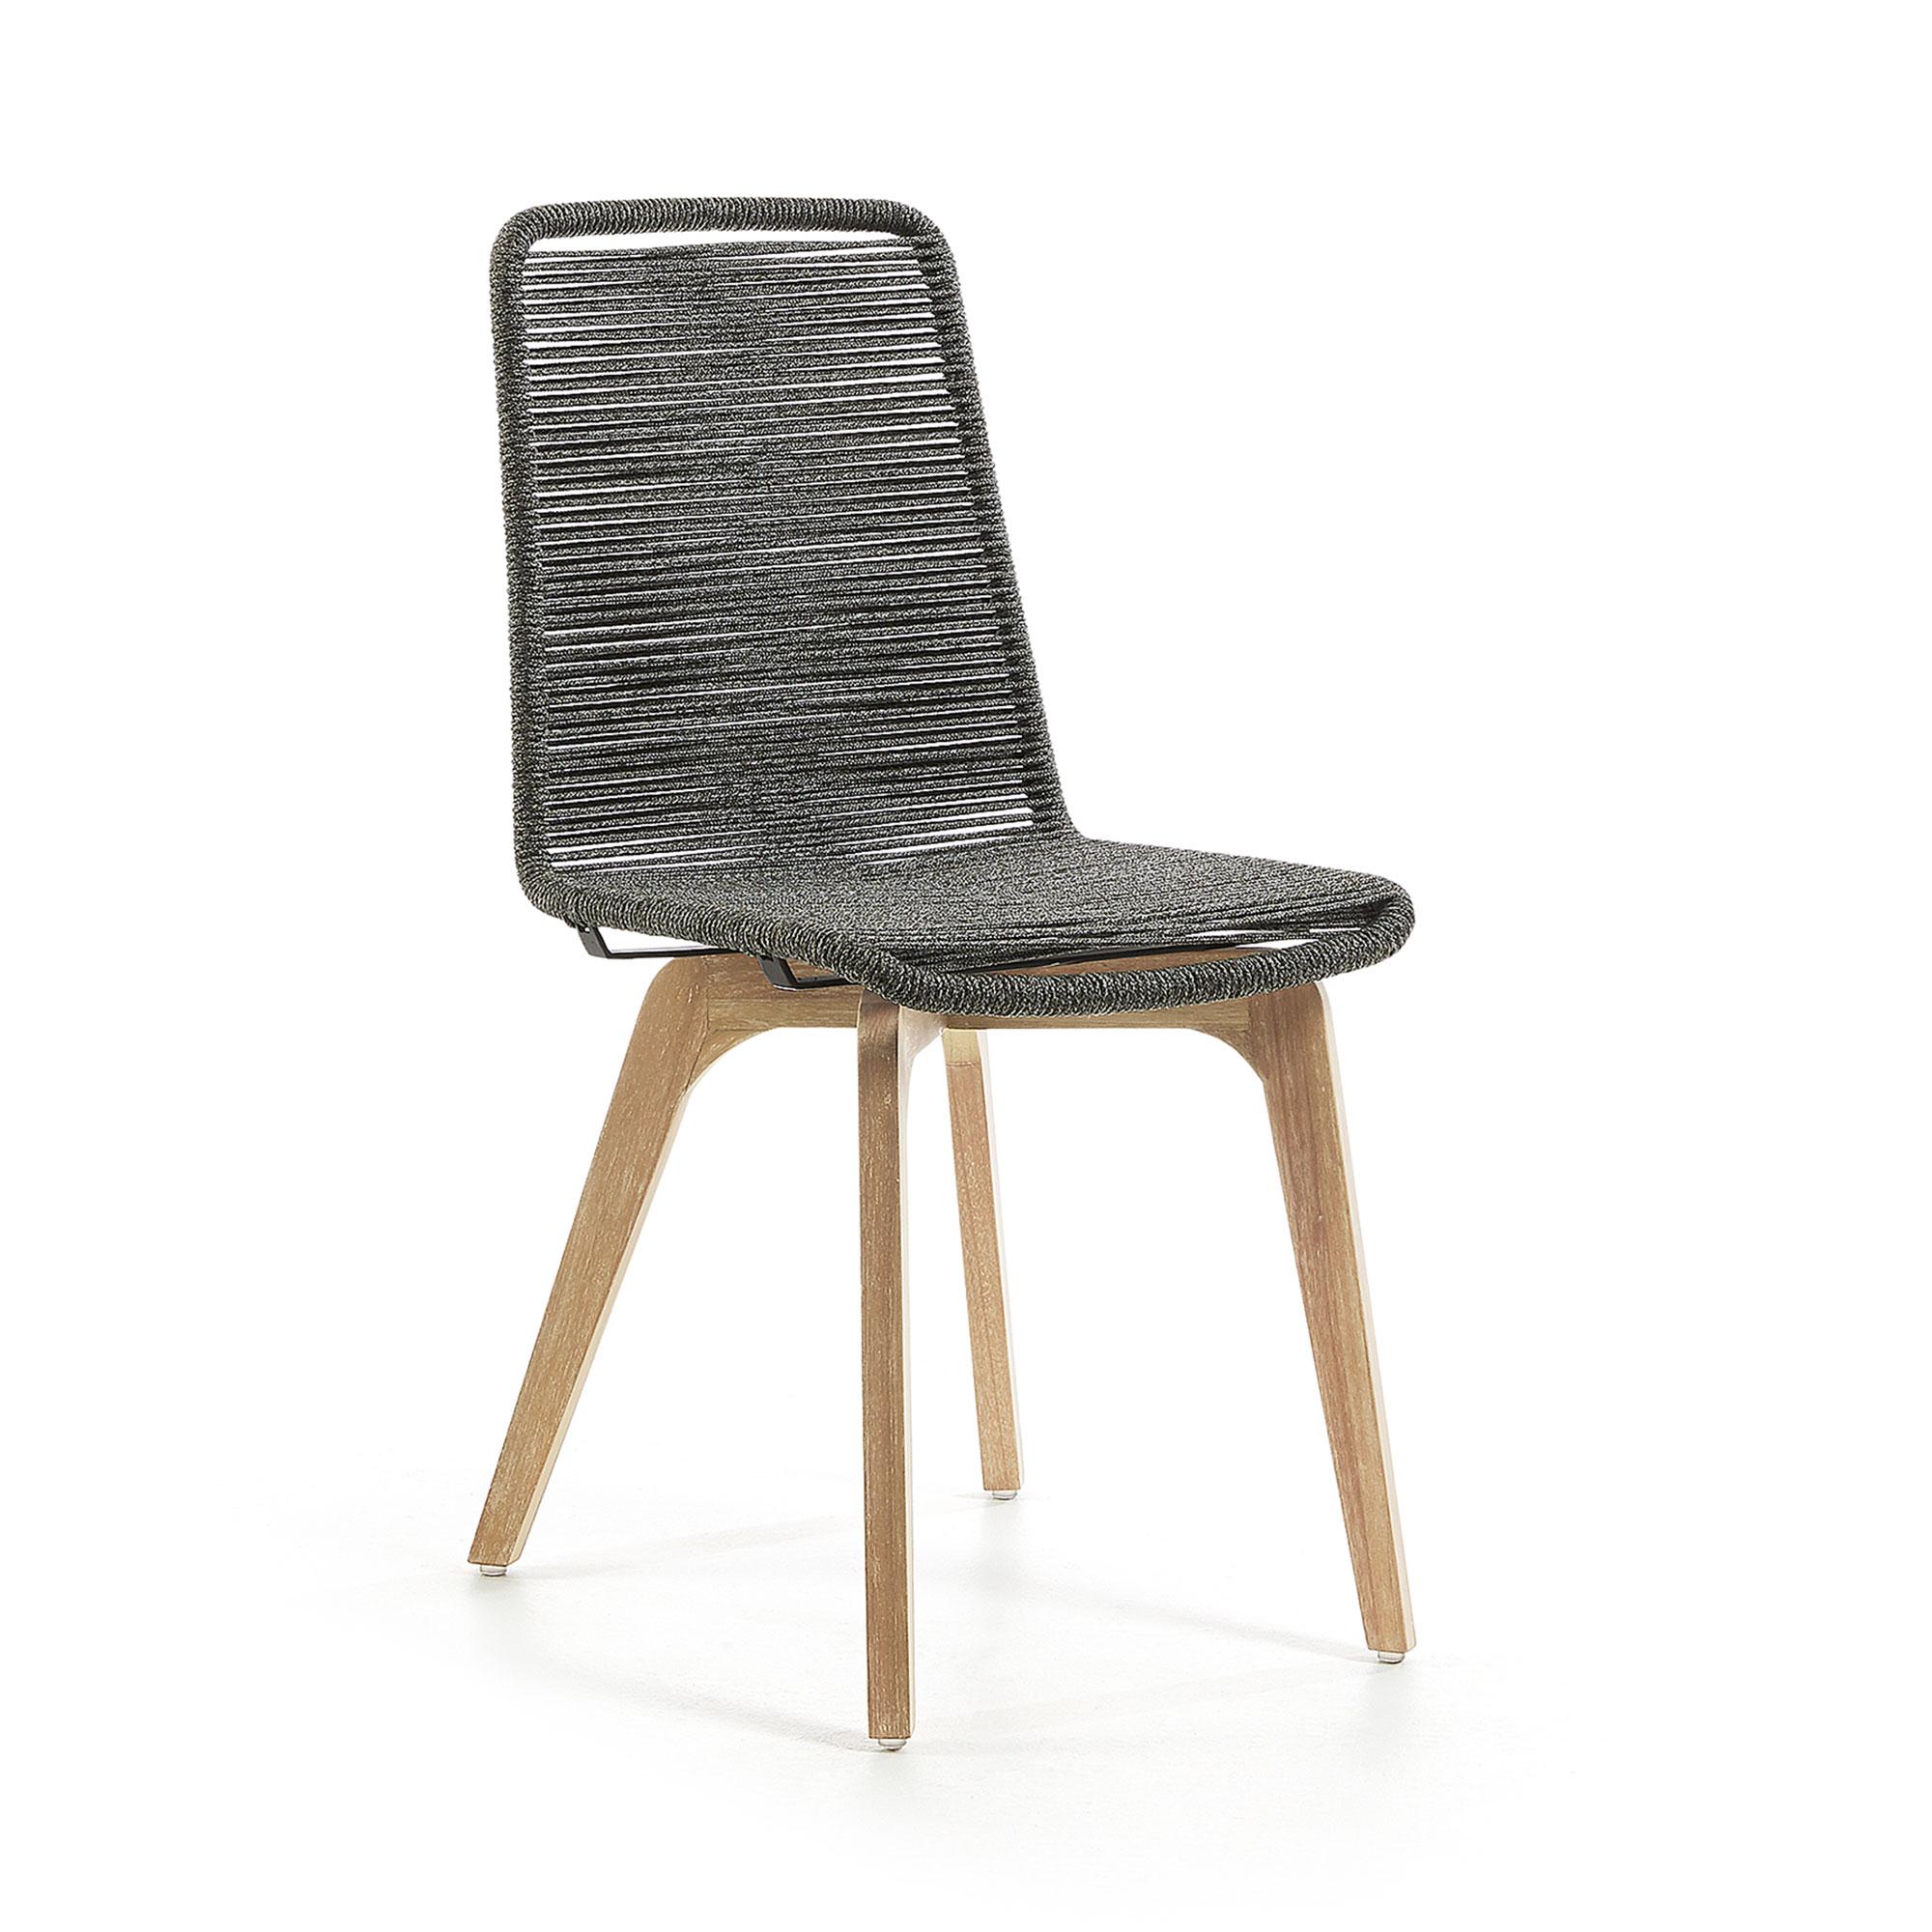 LaForma - Glendon Spisebordsstol - Natur/grå LaForma